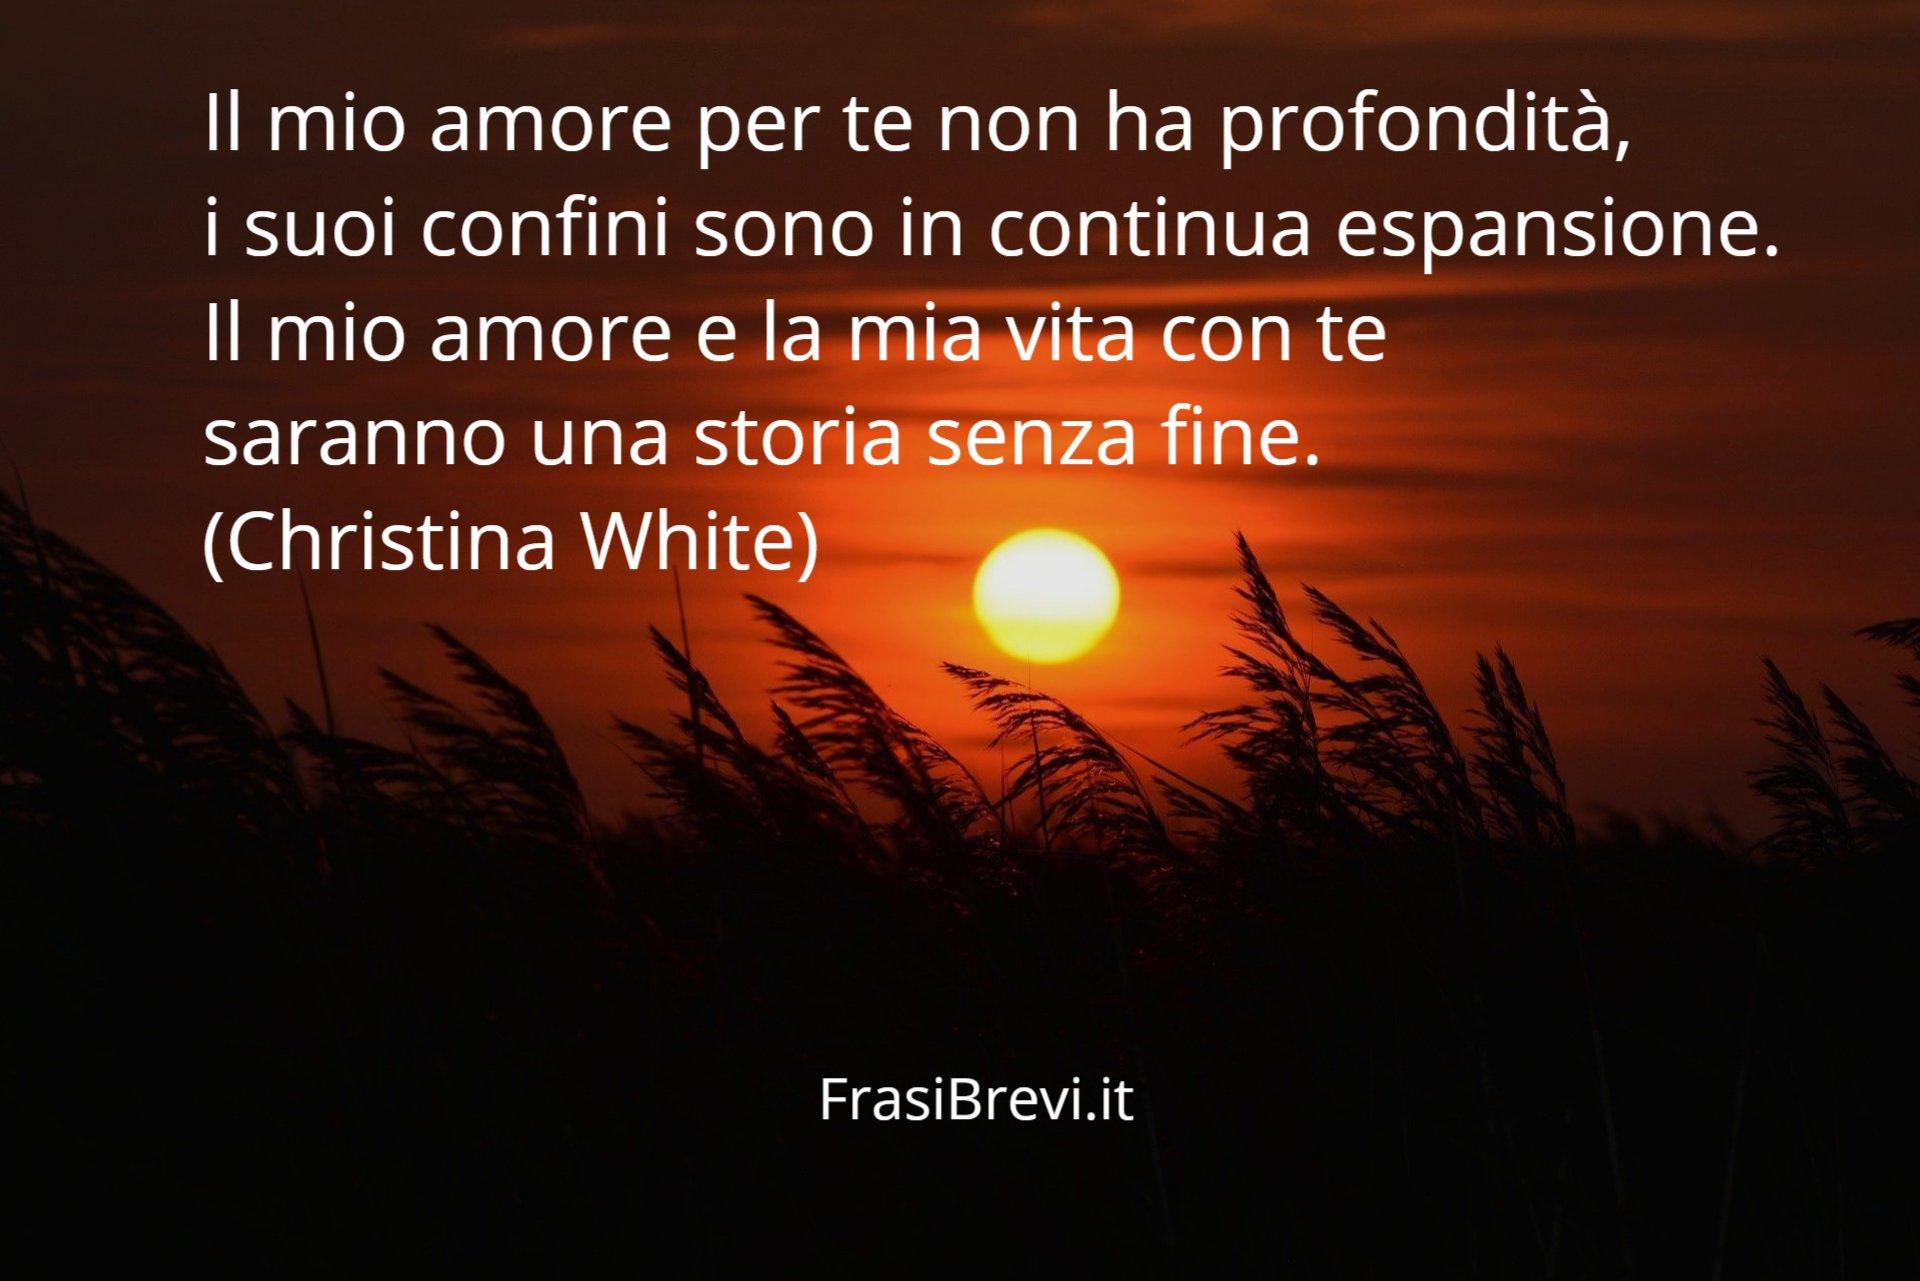 Frasi Amore Per Marito.15 Frasi D Amore Da Dedicare A Tuo Marito Le Piu Passionali Frasi Brevi